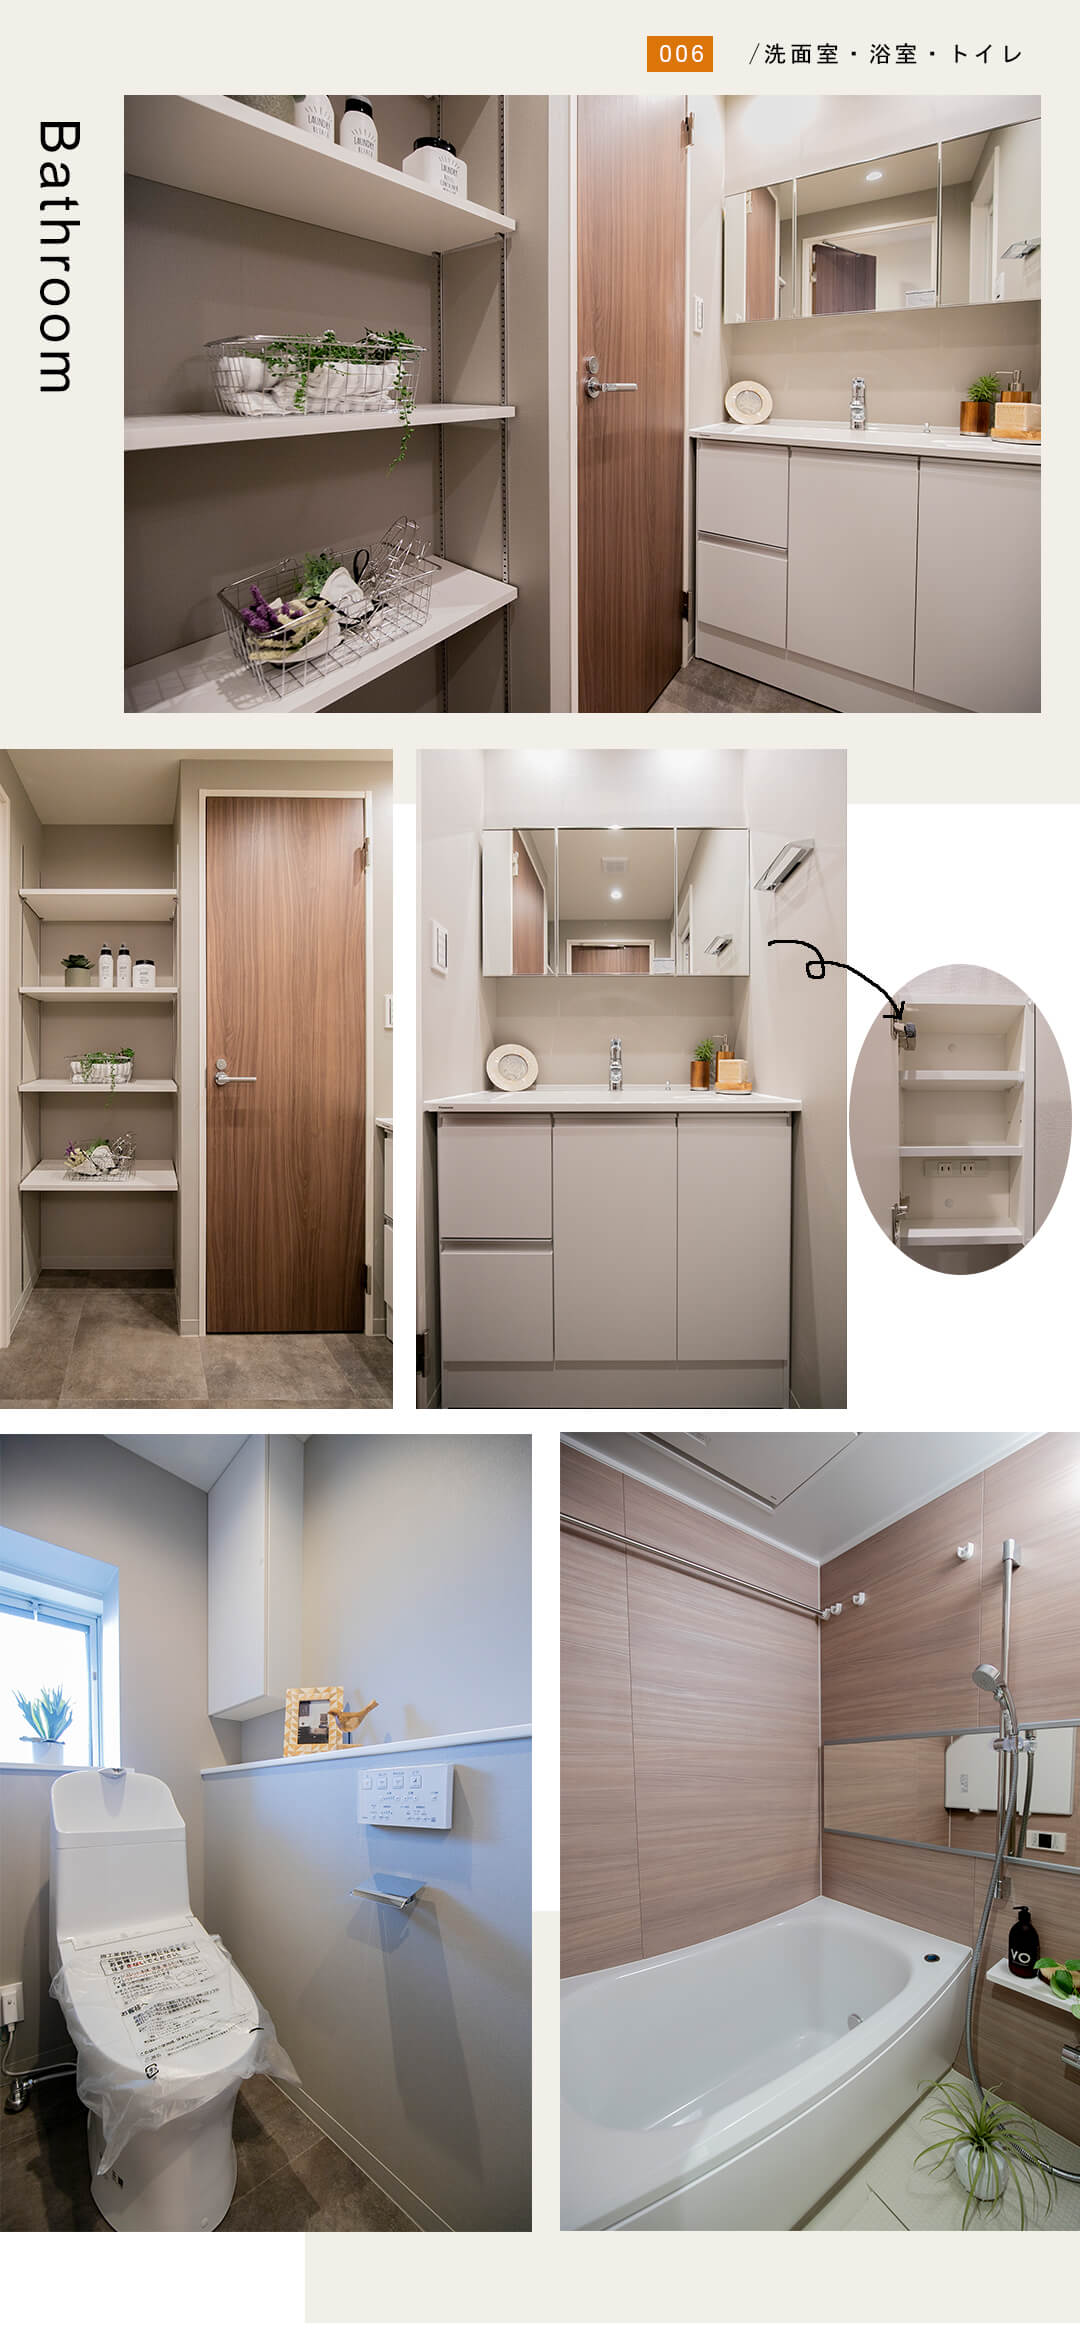 マンションニュー永福の洗面室と浴室とトイレ